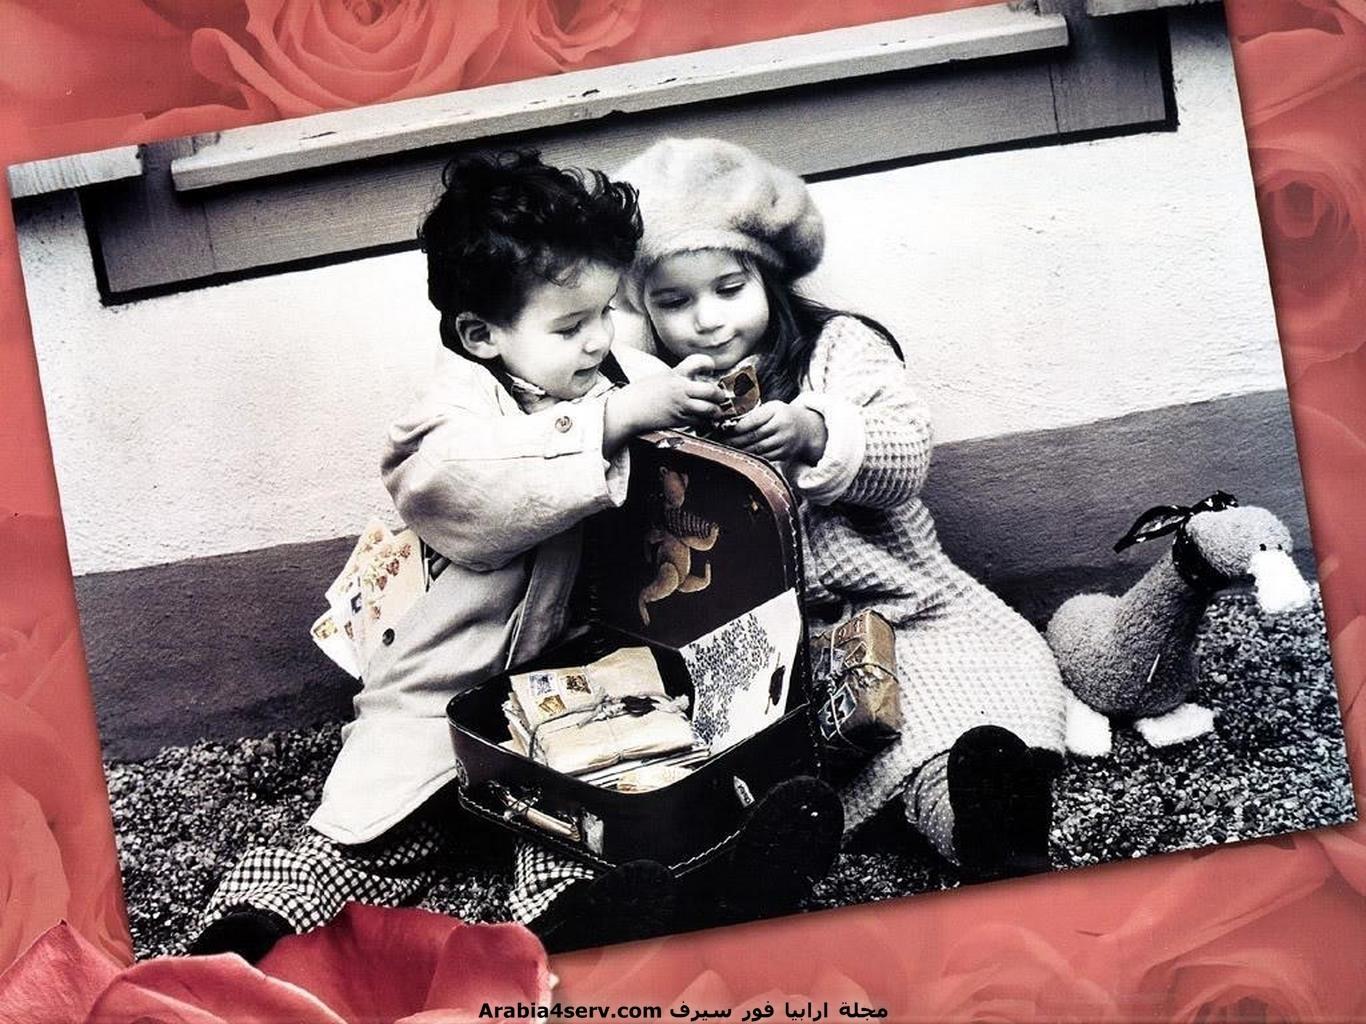 خلفيات-وصور-اطفال-اصدقاء-10